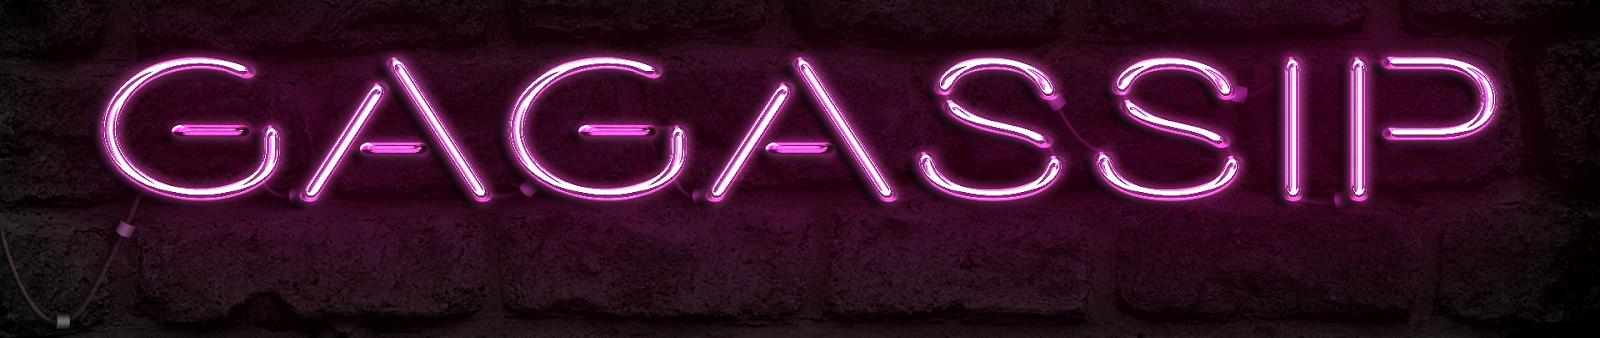 Gagassip France - Toutes les news et rumeurs sur Lady Gaga